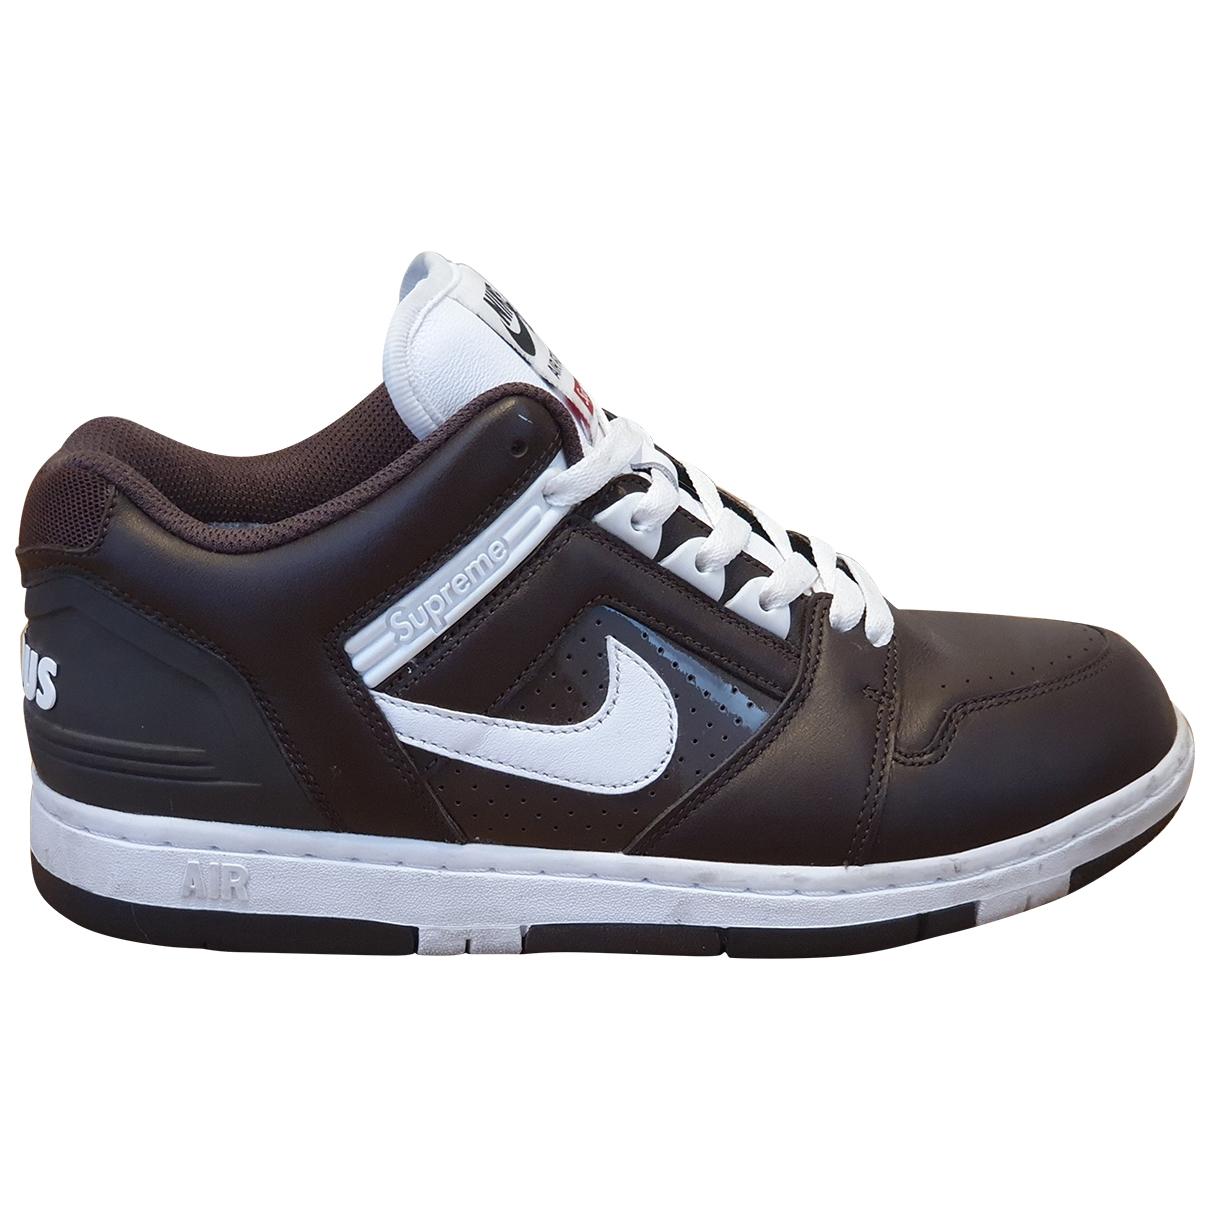 Nike X Supreme - Baskets SB Air Force 2 Low pour homme en cuir - marron